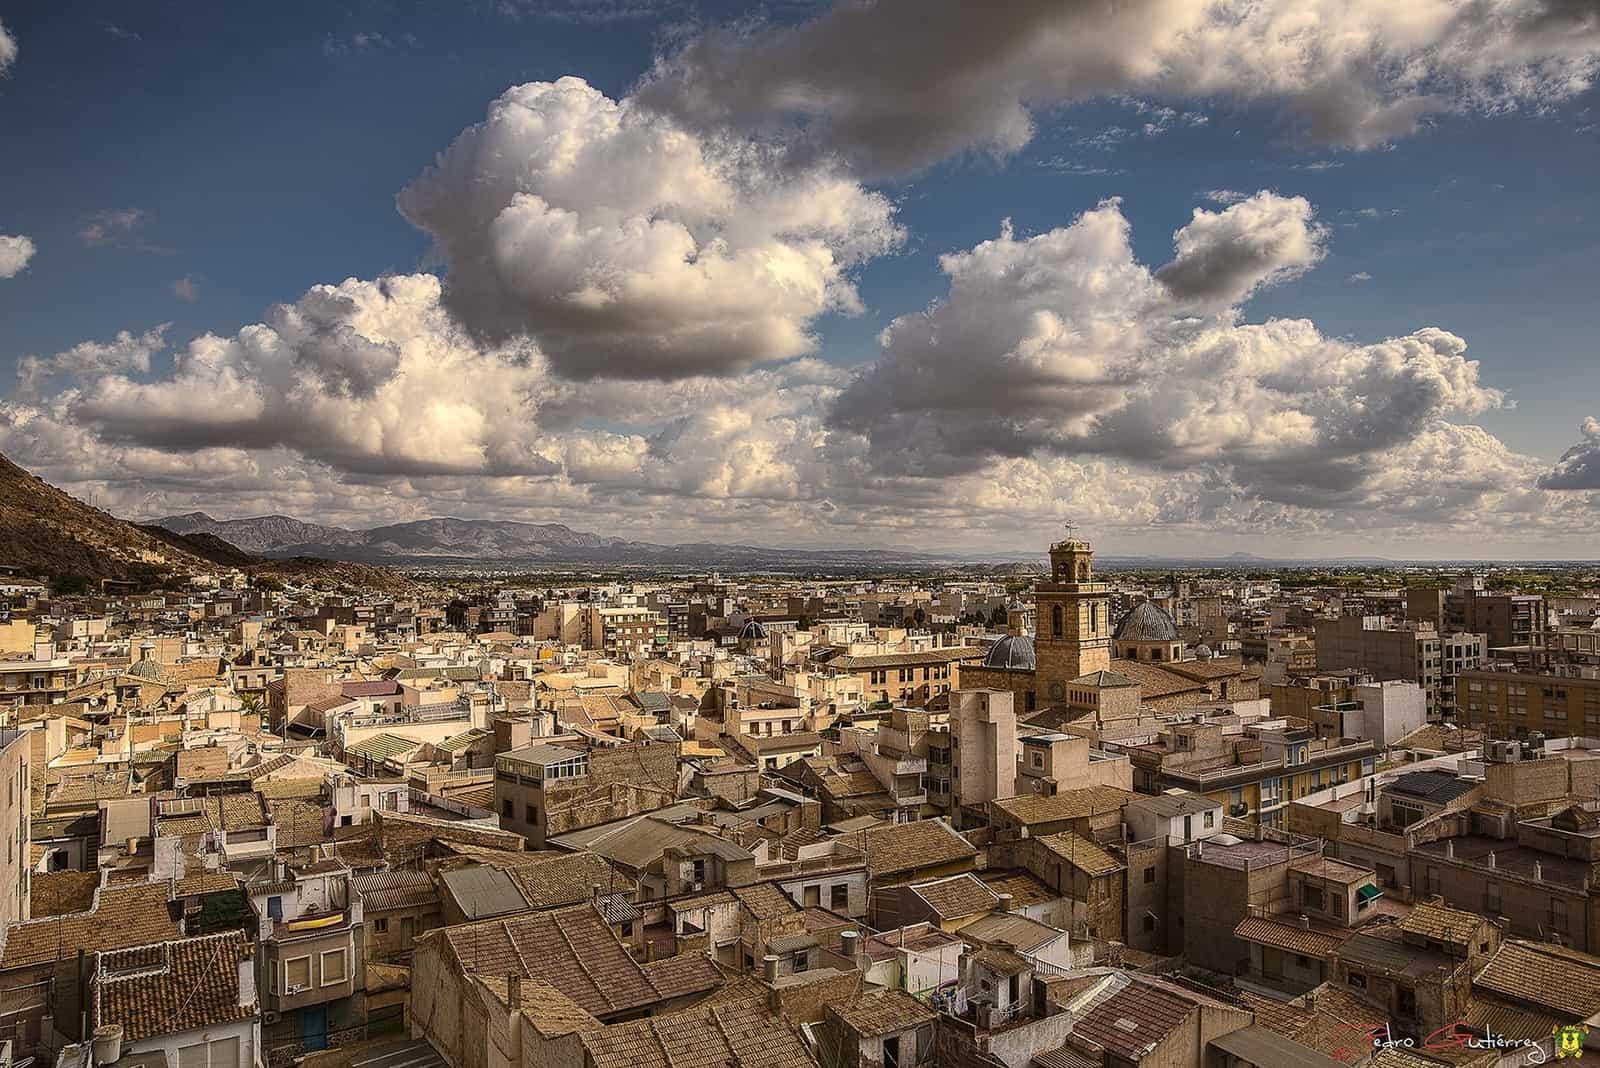 1420047105_Callosa de Segura  desde San Roque